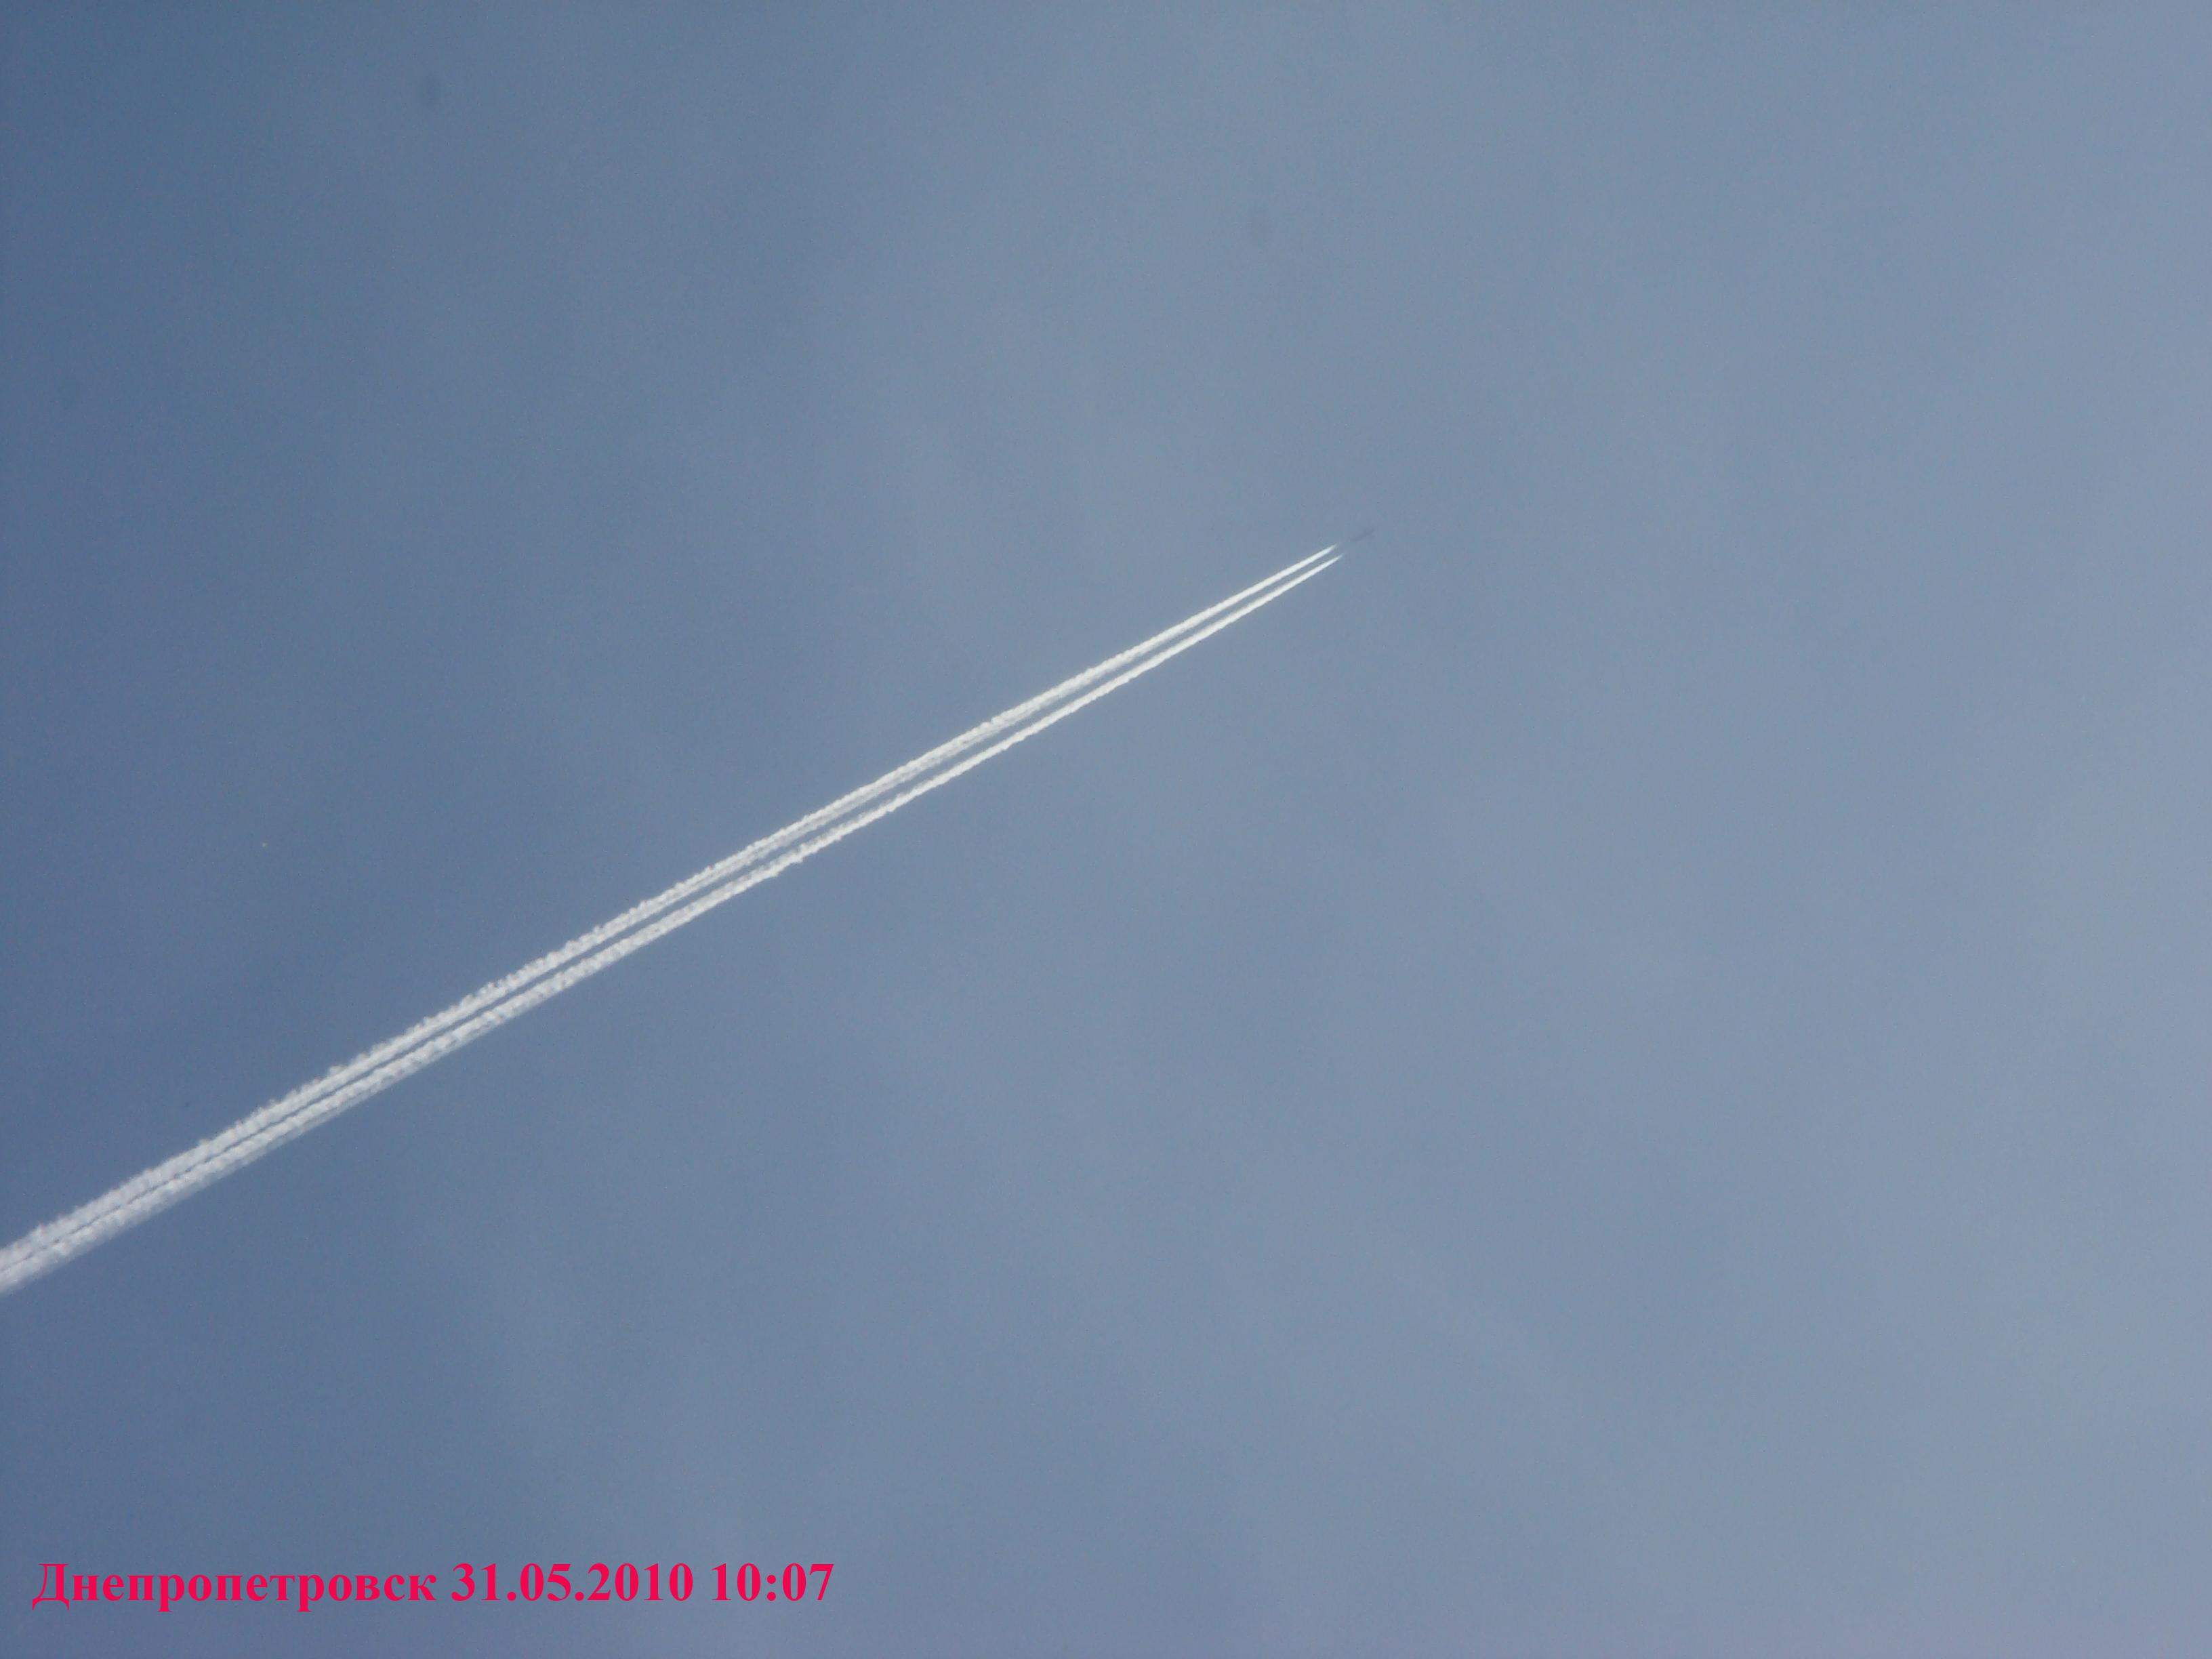 6 сентября 2010 года в Севастополе самолеты НАТО произвели крупномасштабное распыление химтрейлов